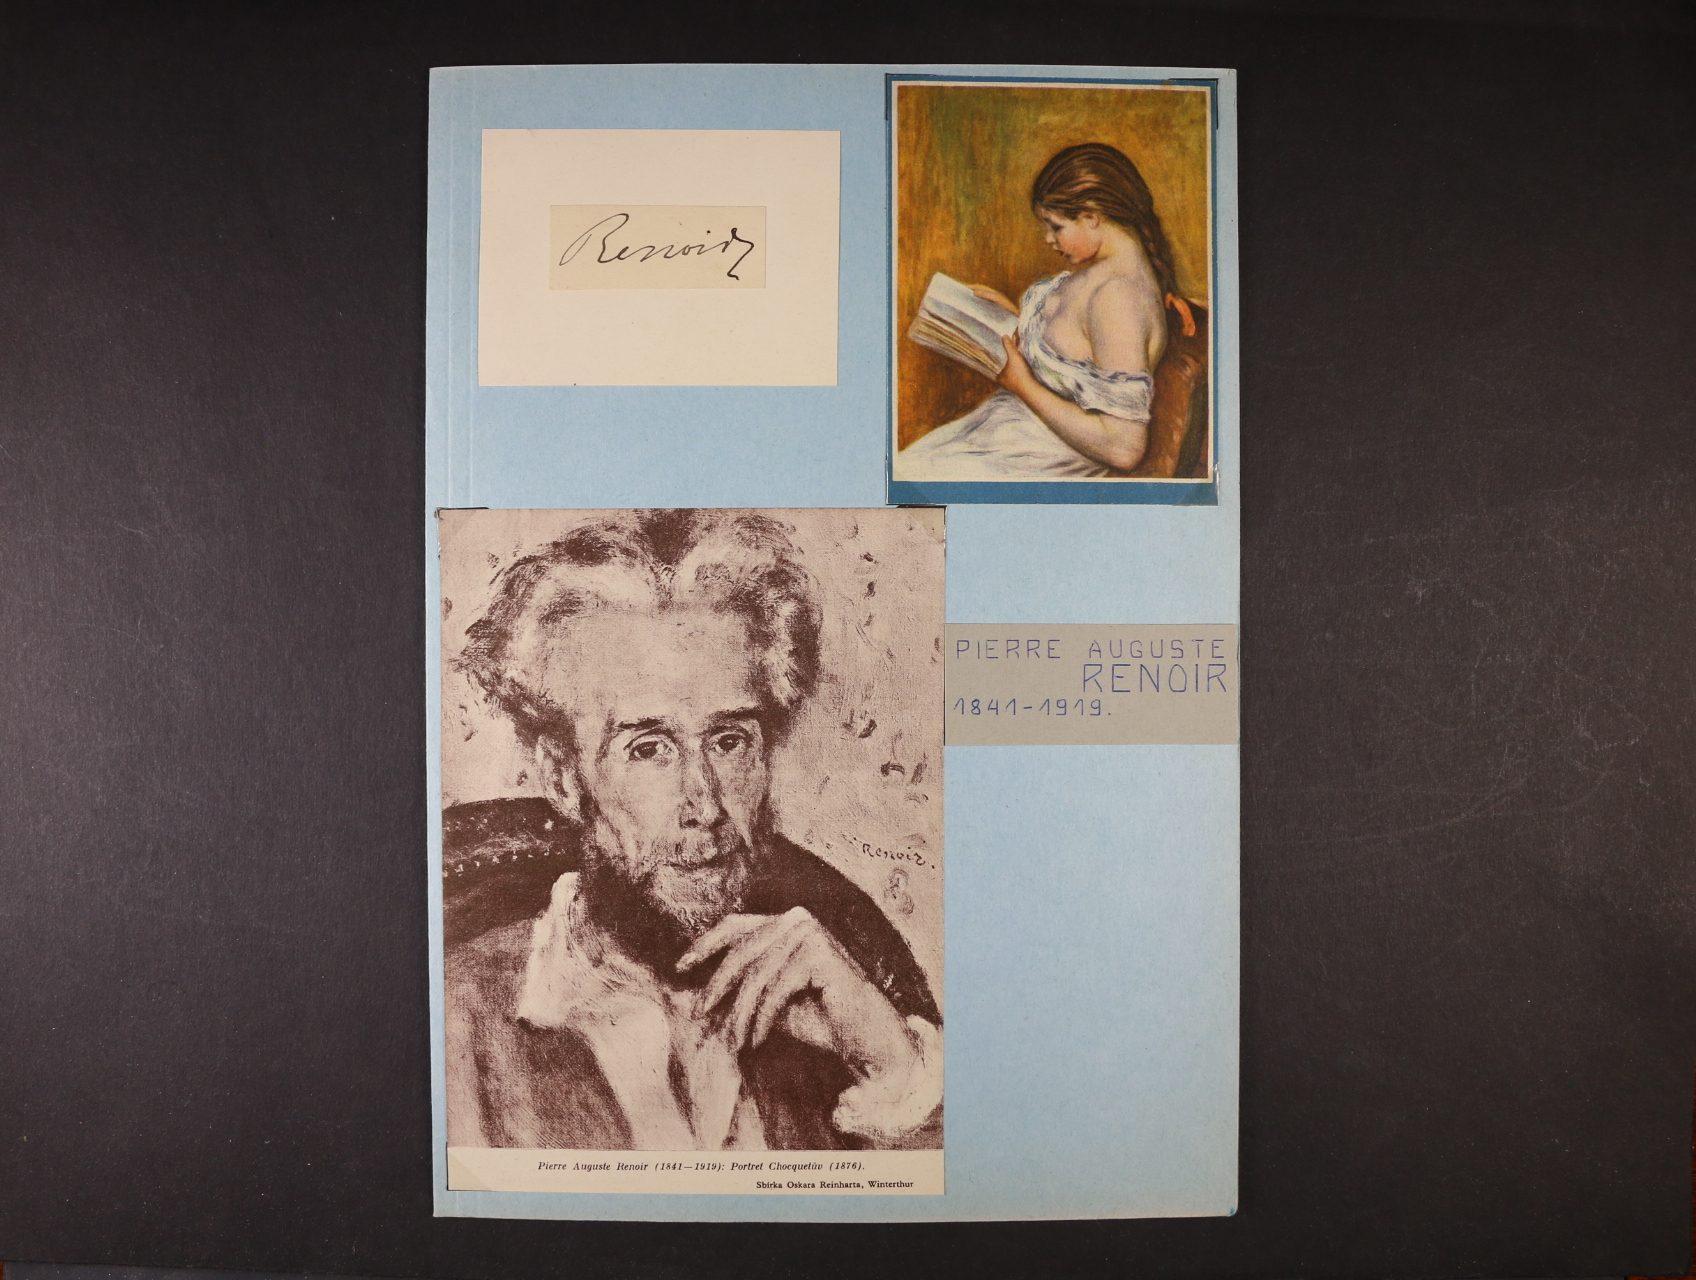 Renoir Piere Auguste 1841 - 1919, slavný franc. malíř - kartička s vlastnoručním podpisem